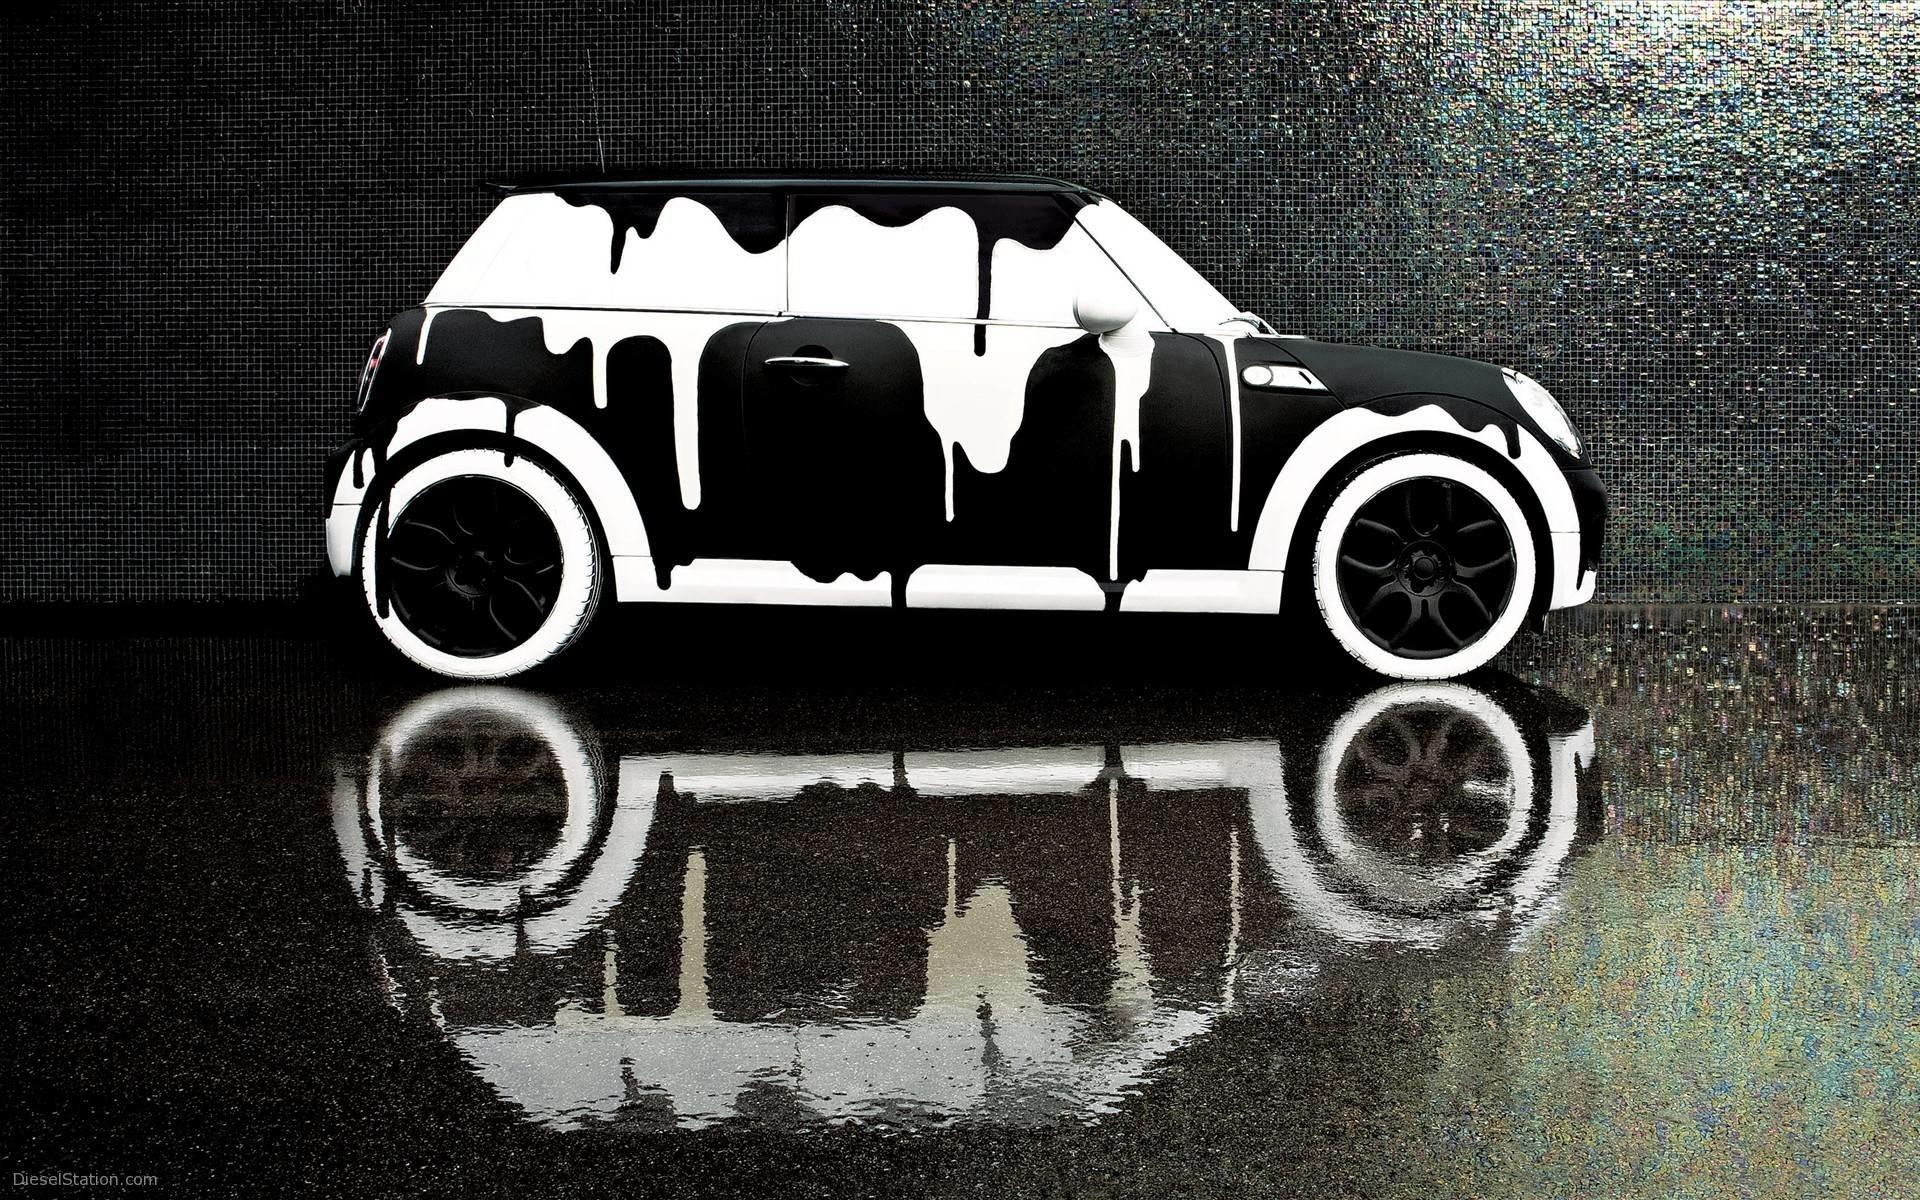 Car Wash Wallpaper 66 images 1920x1200